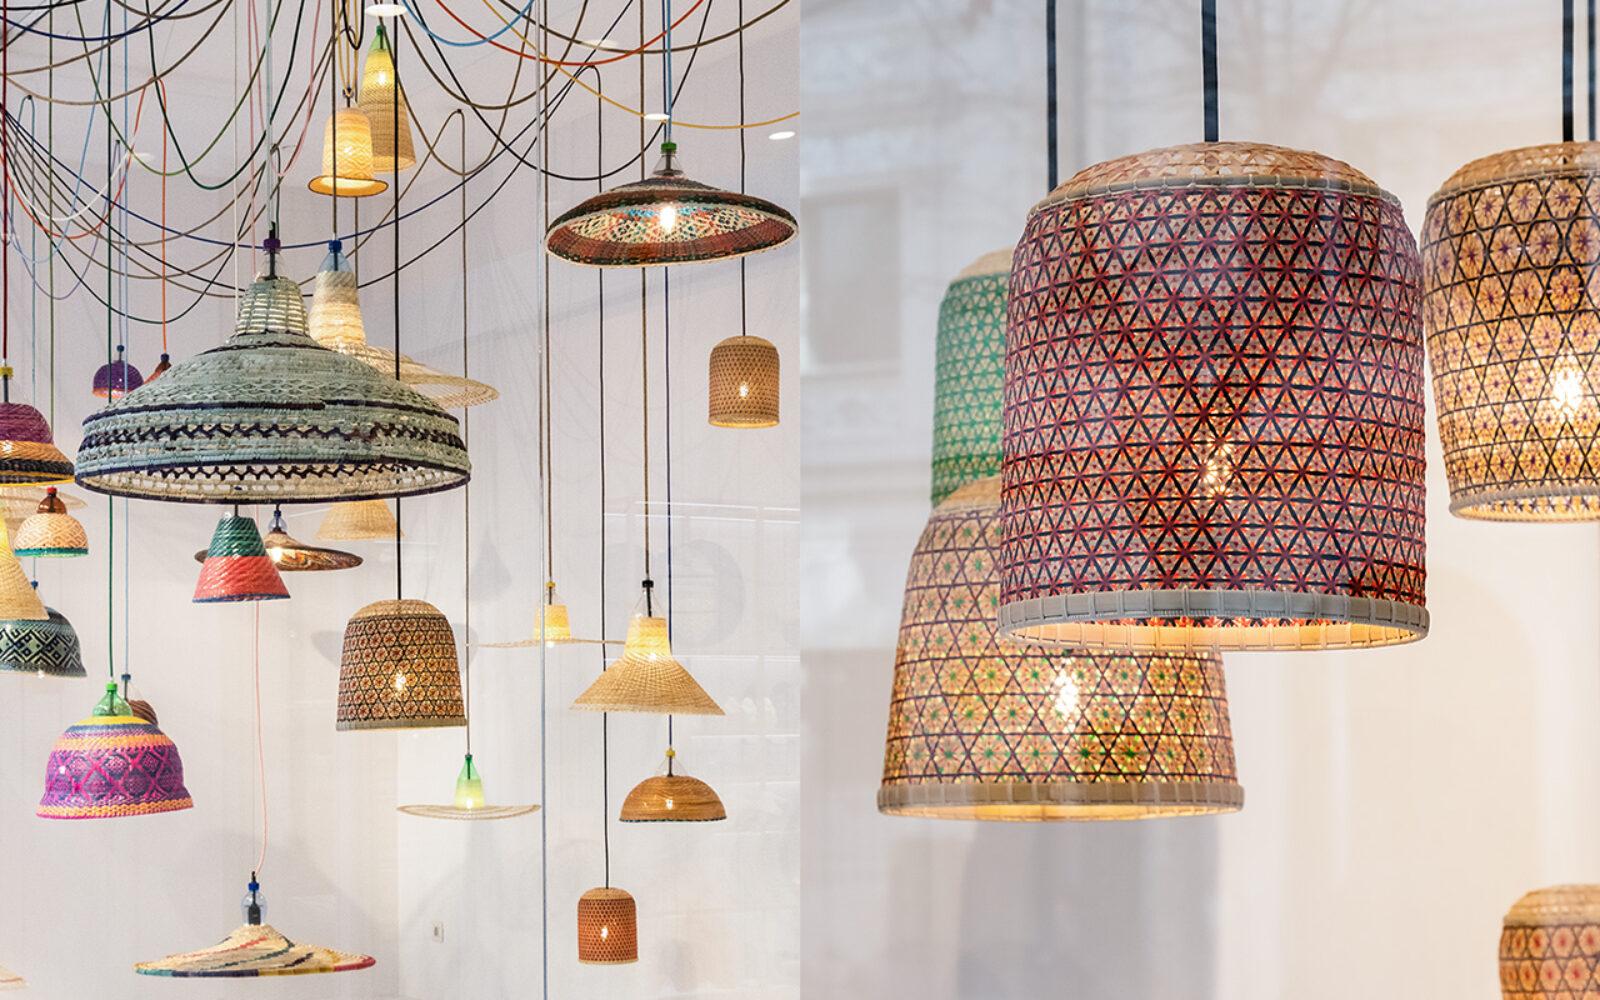 Disse spanske designere skal du holde øje med - bæredygtige lamper fra Petlamp